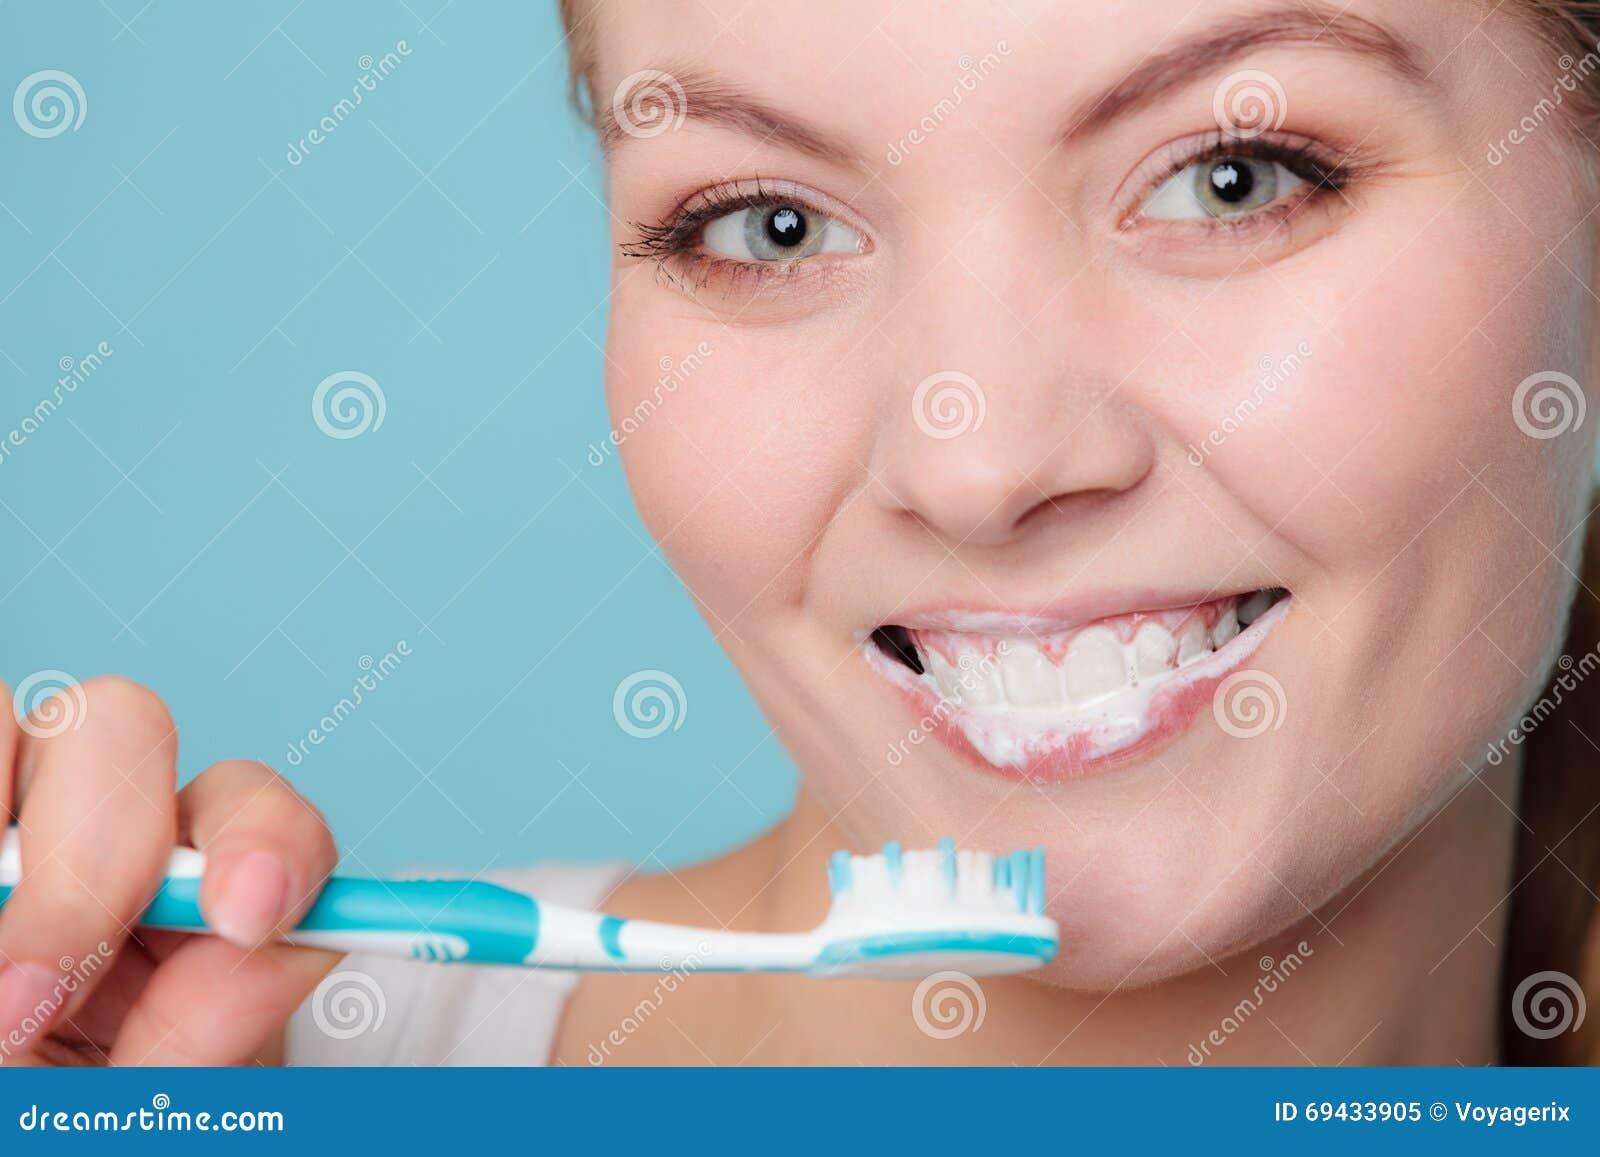 Картинка белка чистит зубы